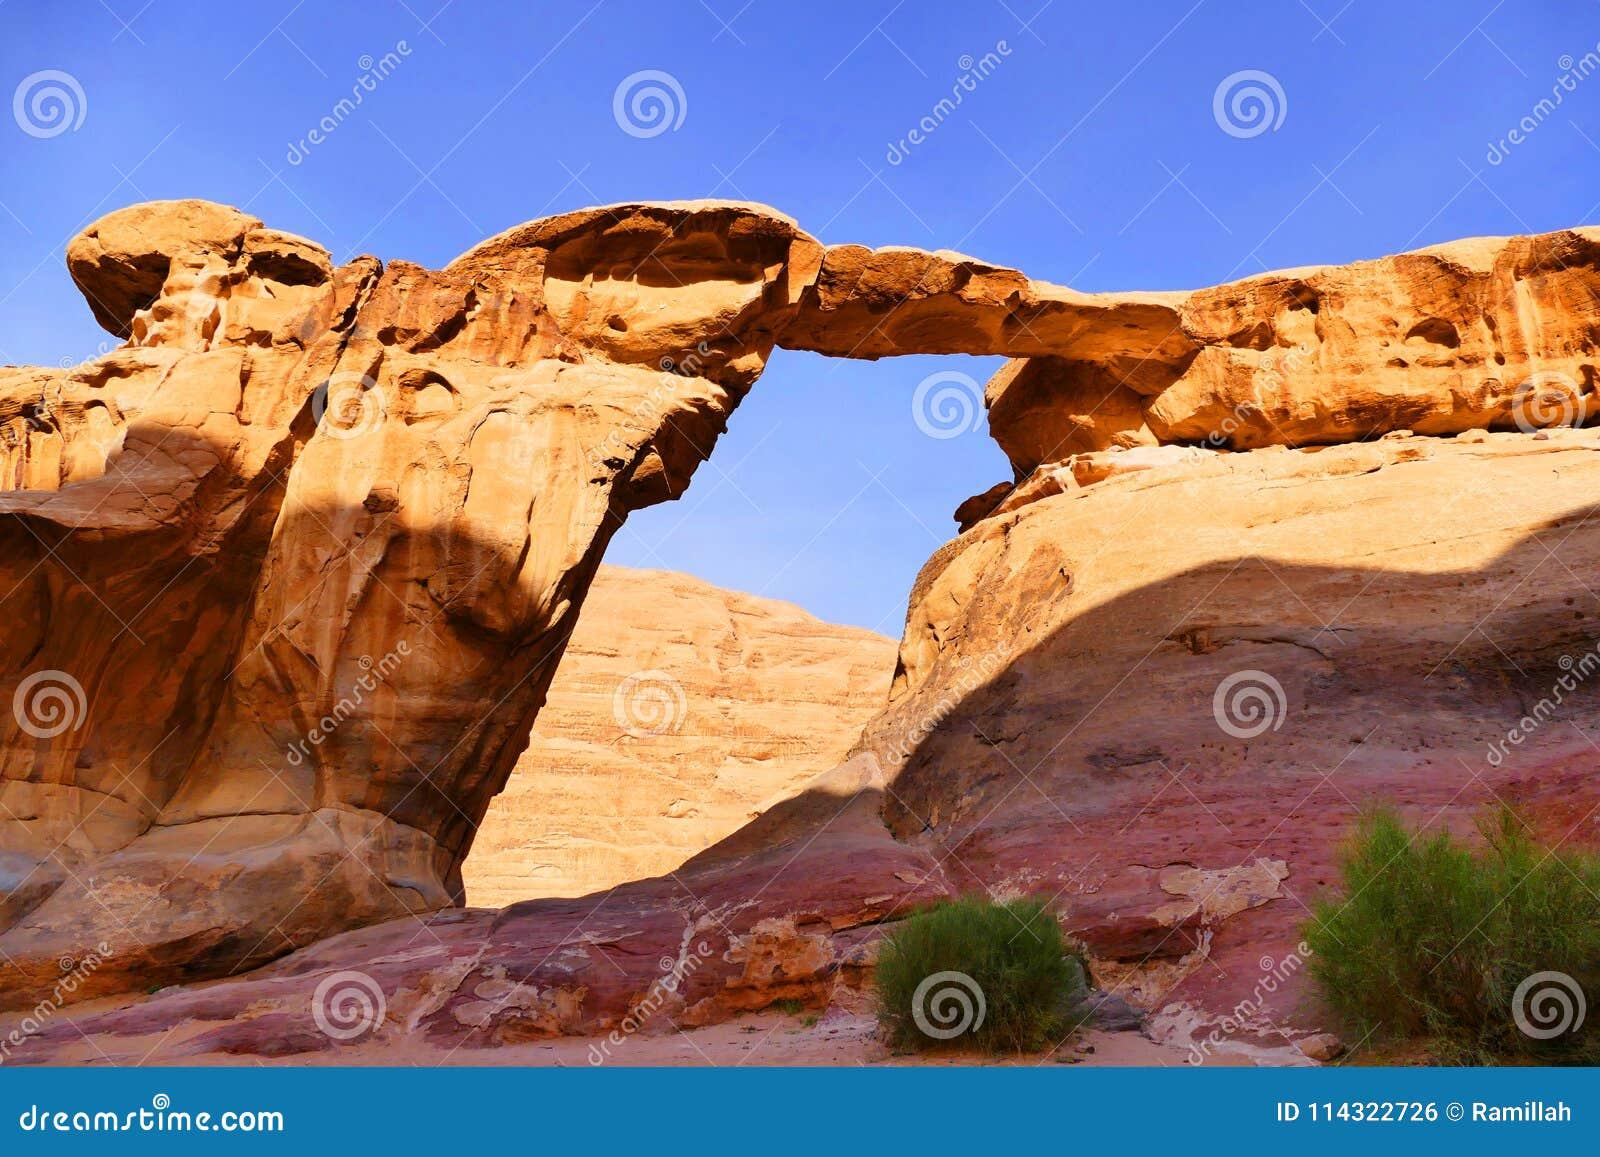 Ponte della roccia di Burdah in Wadi Rum Desert, Giordania